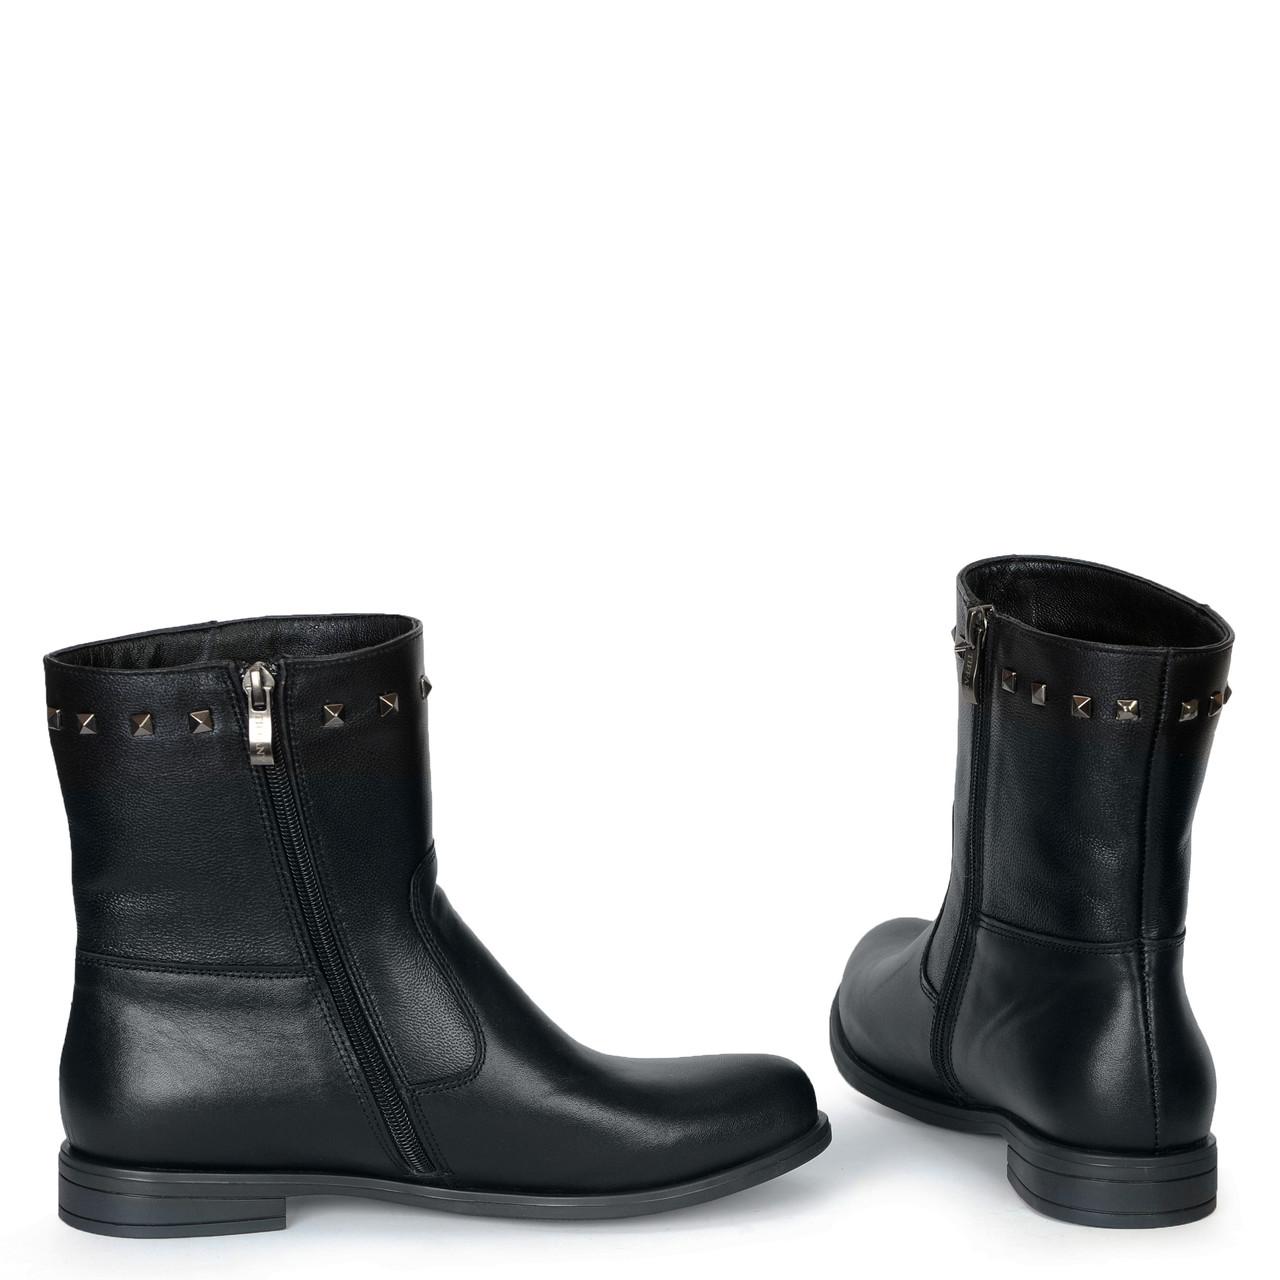 Жіночі замшеві черевики шкіряні напівчеревики TIFFANY на низькому каблуці з ремінцем